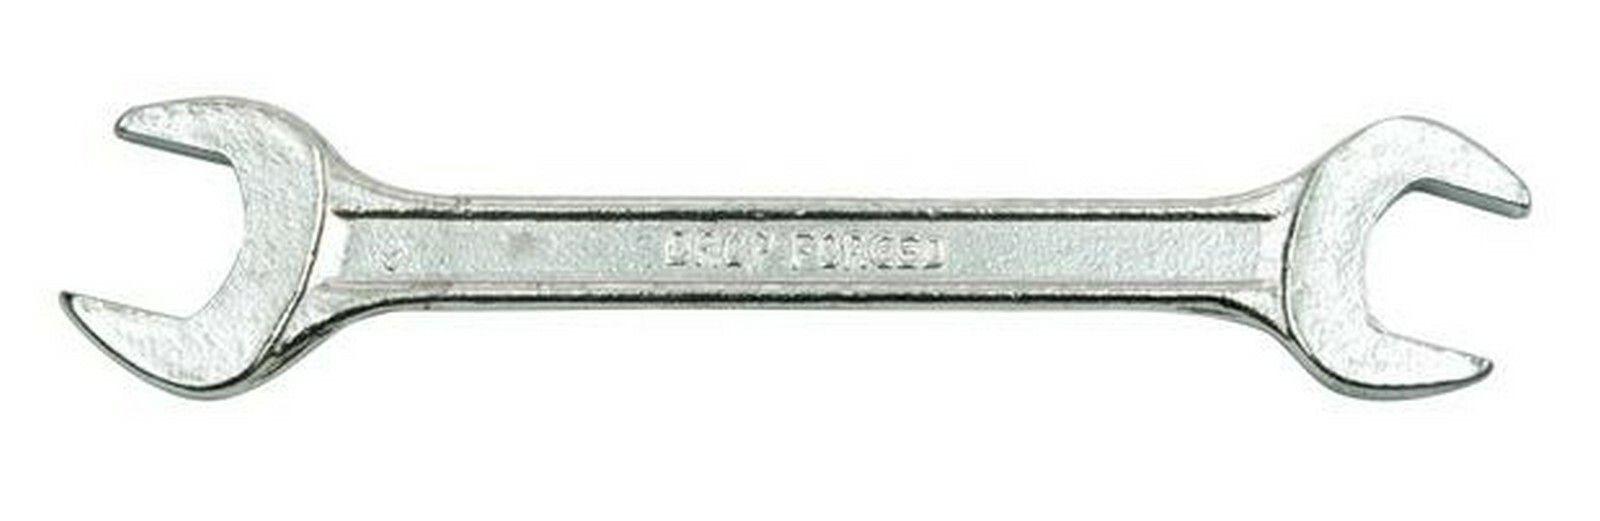 Klíč plochý 6 x 7 mm TOYA